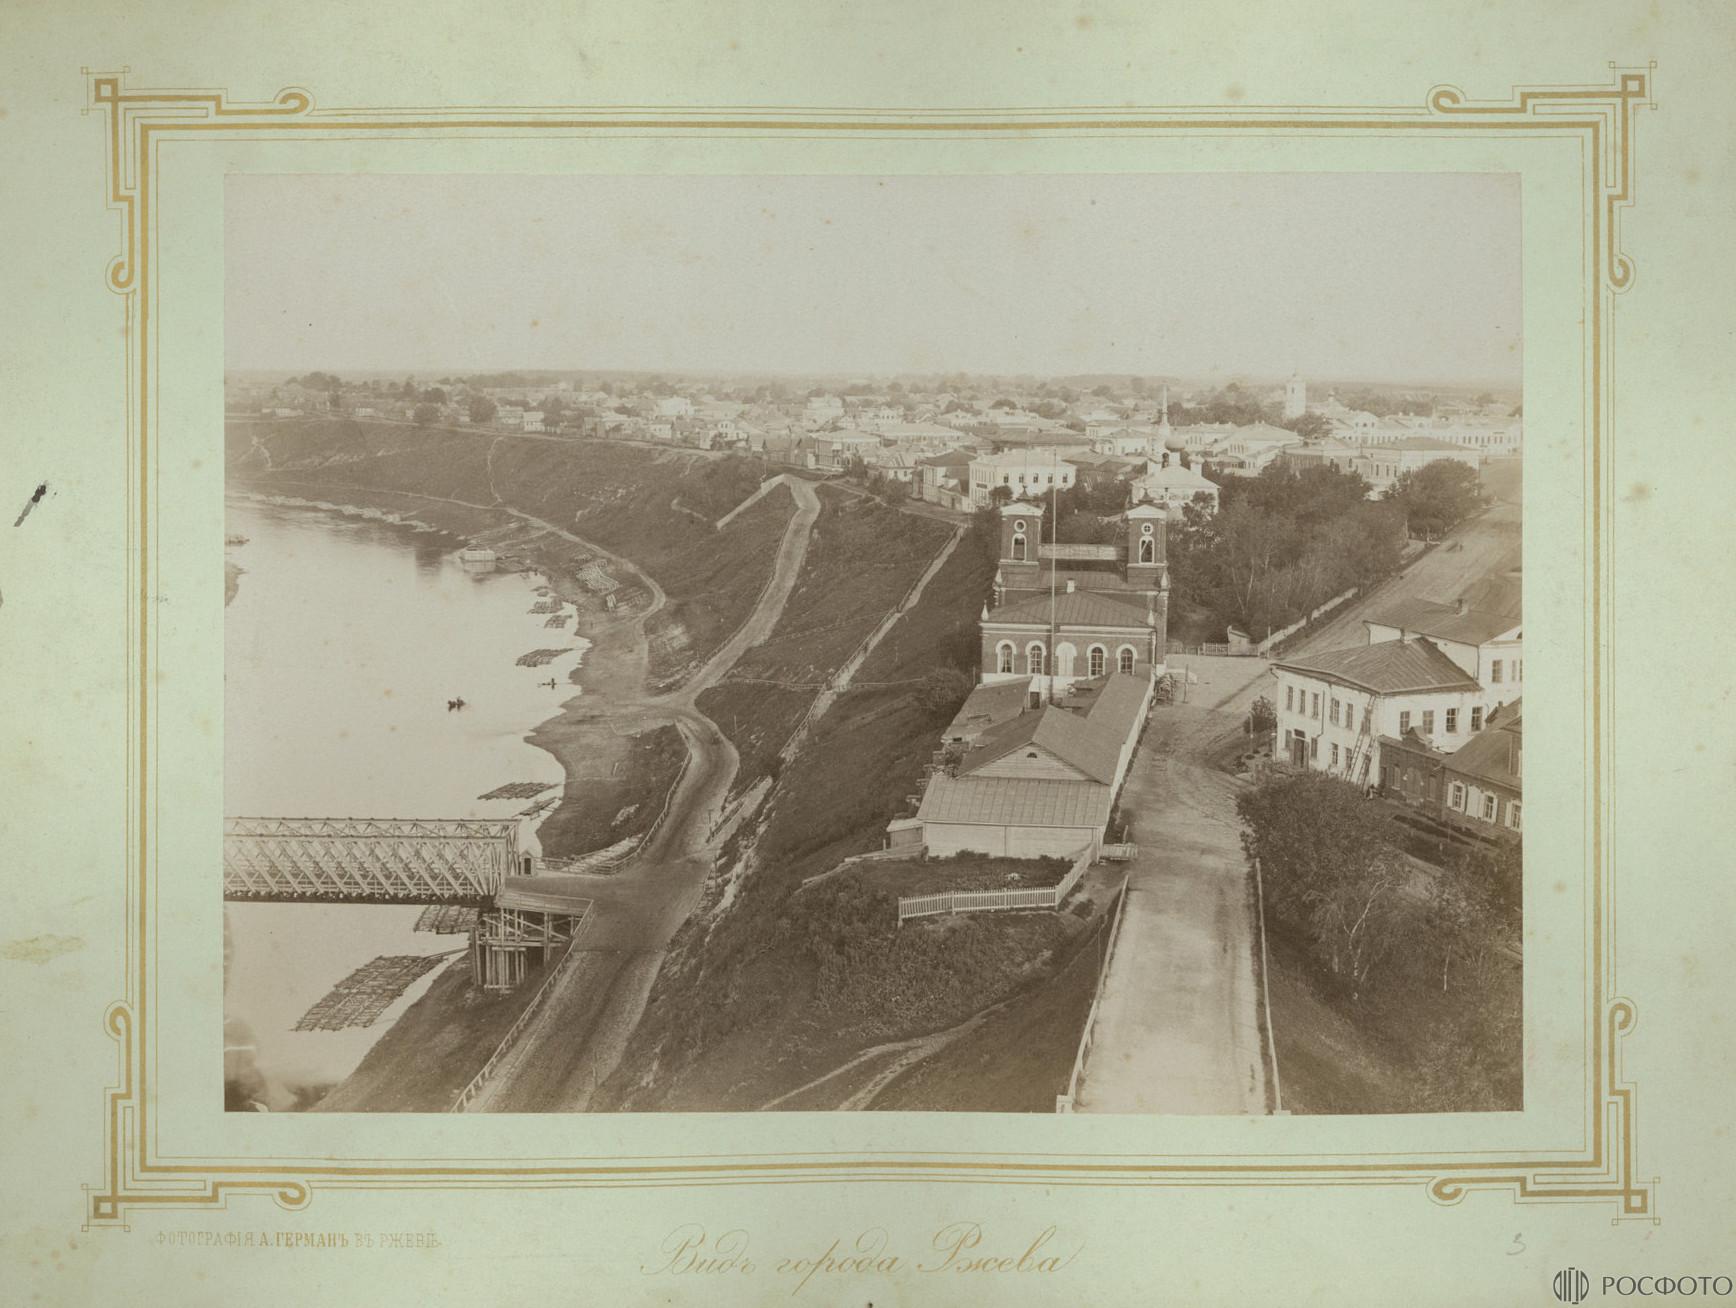 Панорама Князь-Федороовской стороны, реки Волги, деревянного моста (слева внизу), городской Думы и главной пожарной части, церквей.jpg